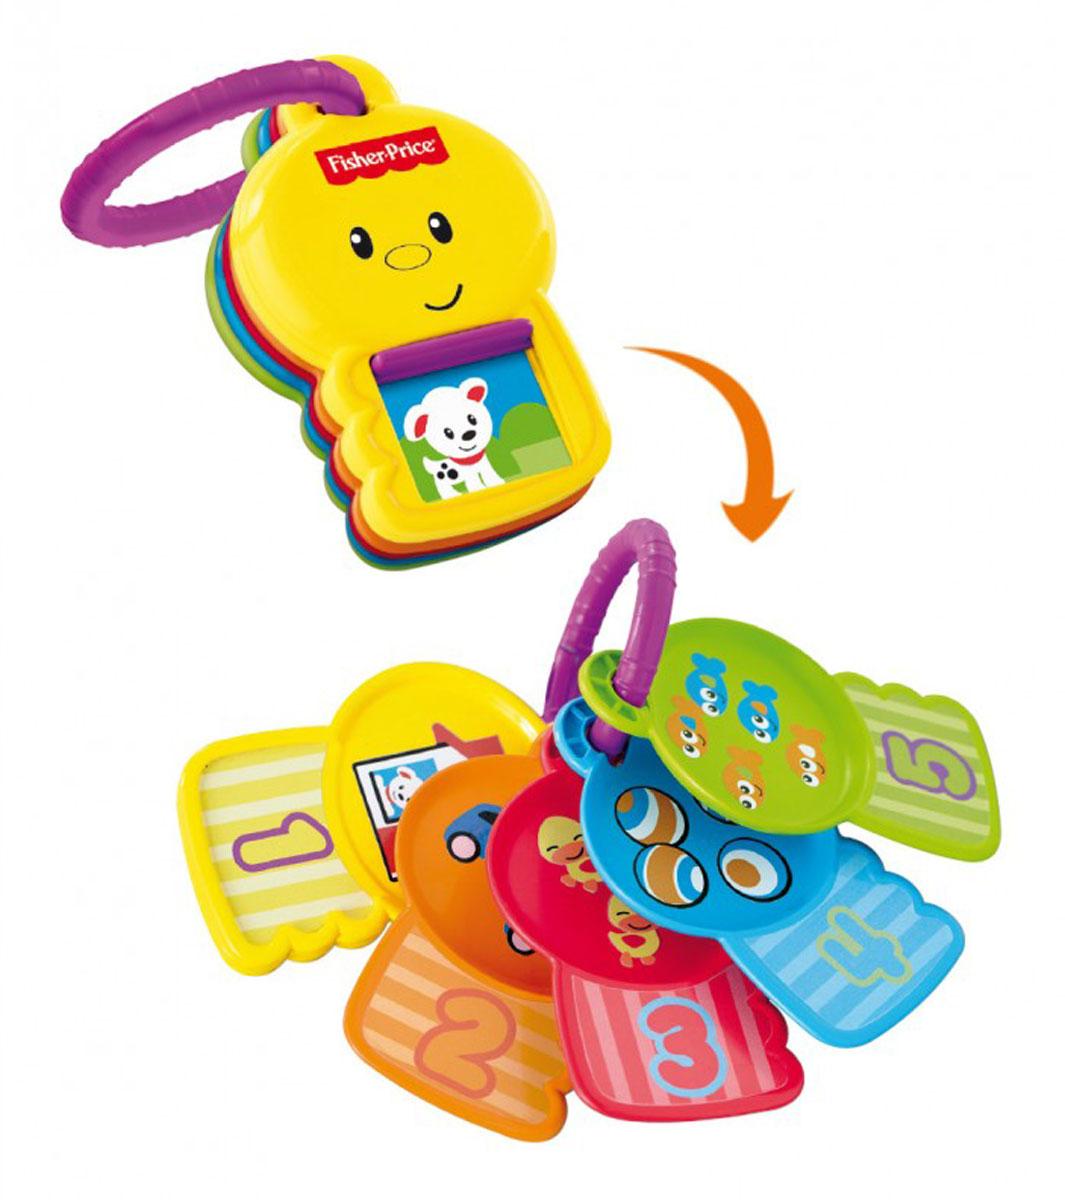 Fisher-Price Newborn Ключики Считай и познавайY4294Яркие ключики Fisher-Price Считай и познавай не оставит вашего малыша равнодушным и не позволит ему скучать! Игрушка выполнена из прочного безопасного пластика и представляет собой кольцо, на которое нанизаны пять ключиков разных цветов. На каждом из них изображена цифра и разные предметы, количество которых соответствует цифре на ключе. На ключике с цифрой 1 имеется окошко, под которым скрывается симпатичный щенок. Малыш сможет его найти и снова спрятать. Игрушку с помощью пластикового кольца можно подвесить на кроватку, коляску, кресло или игровую дугу ребенка. Ключики Считай и познавай поможет малышу развить цветовое и звуковое восприятие, мелкую моторику рук, координацию движений, а также познакомиться с цифрами от 1 до 5 и освоить счет.